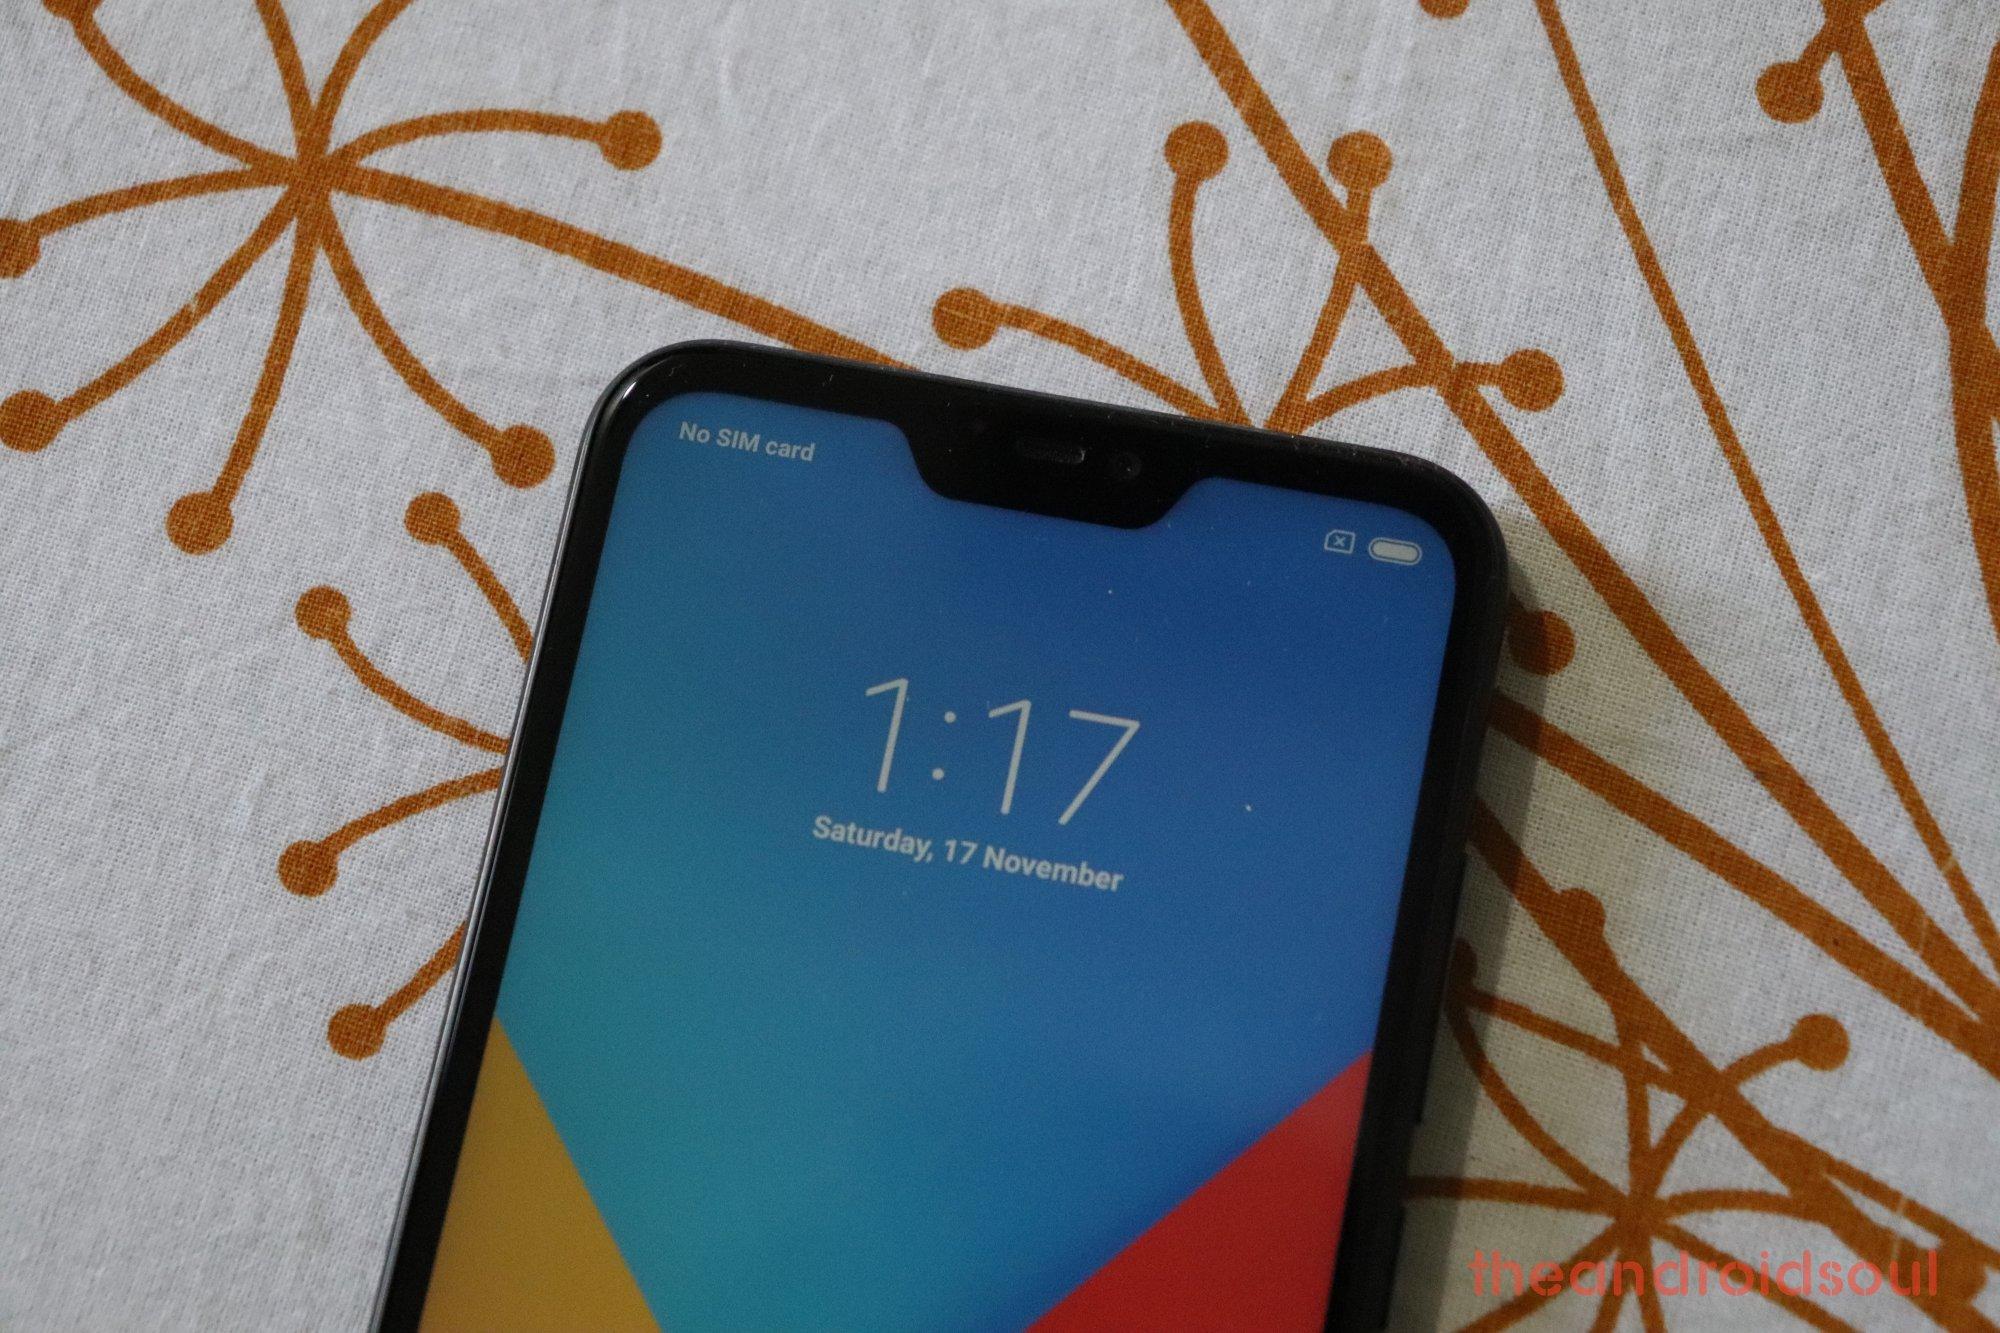 Xiaomi Redmi 6 Pro update